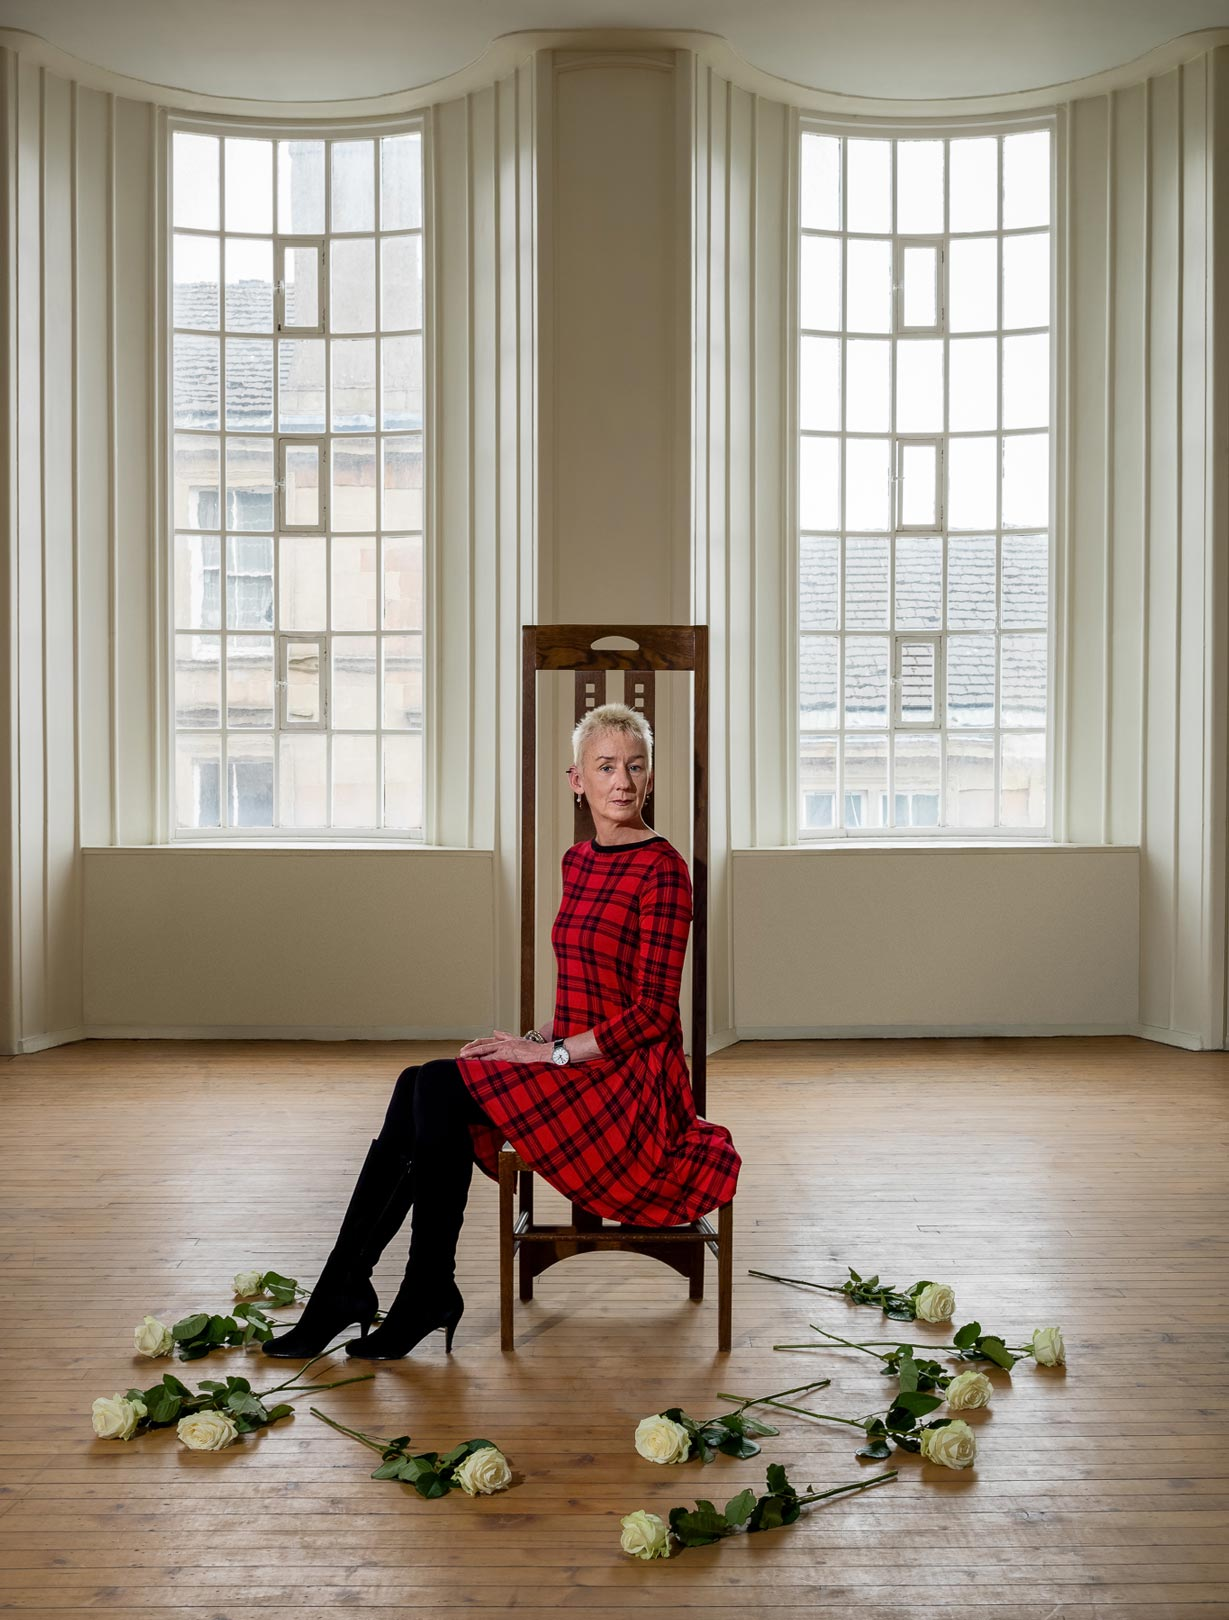 Muriel Gray - Glasgow School of Art, Glasgow